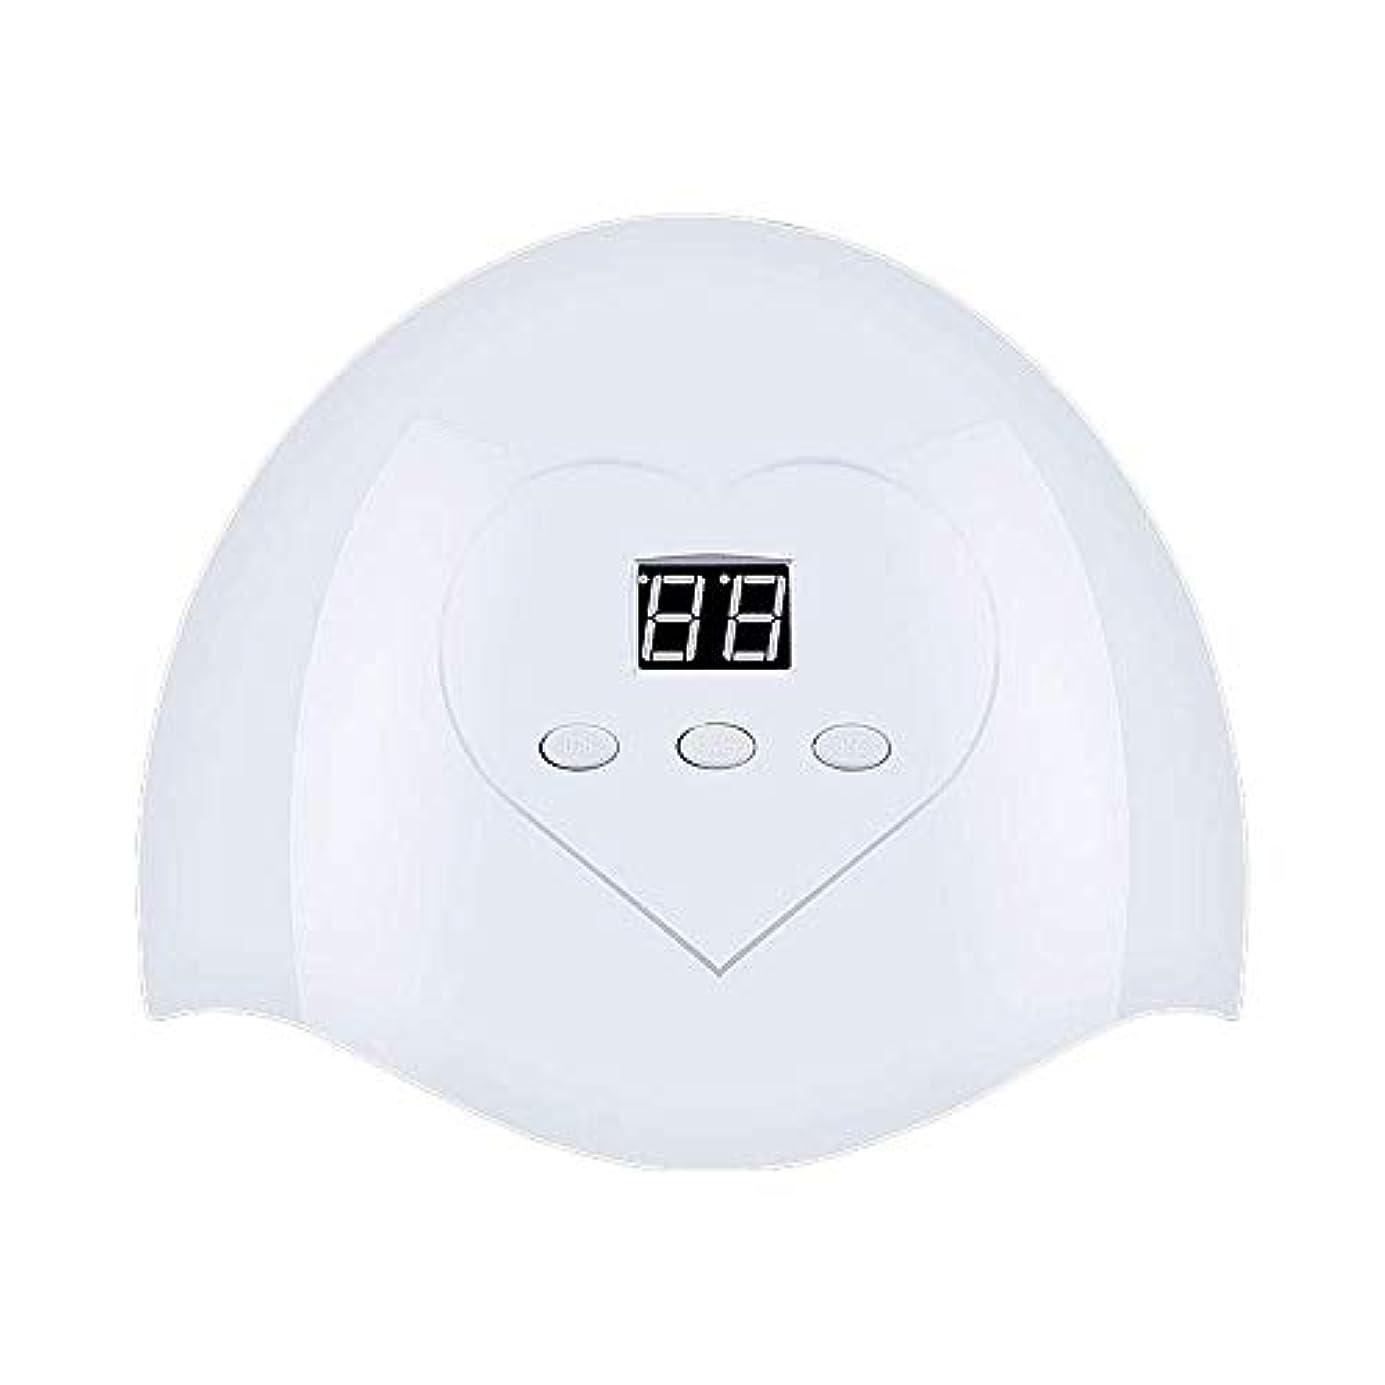 アッティカスパステルソートDHINGM ネイルランプ、高速、非常にエネルギー効率と耐久性のある快適な非UVホワイトライト、いいえ瞳傷害、36W、12 UV + LEDデュアルLED光源、インテリジェントオートセンシング(なしスイッチ)、